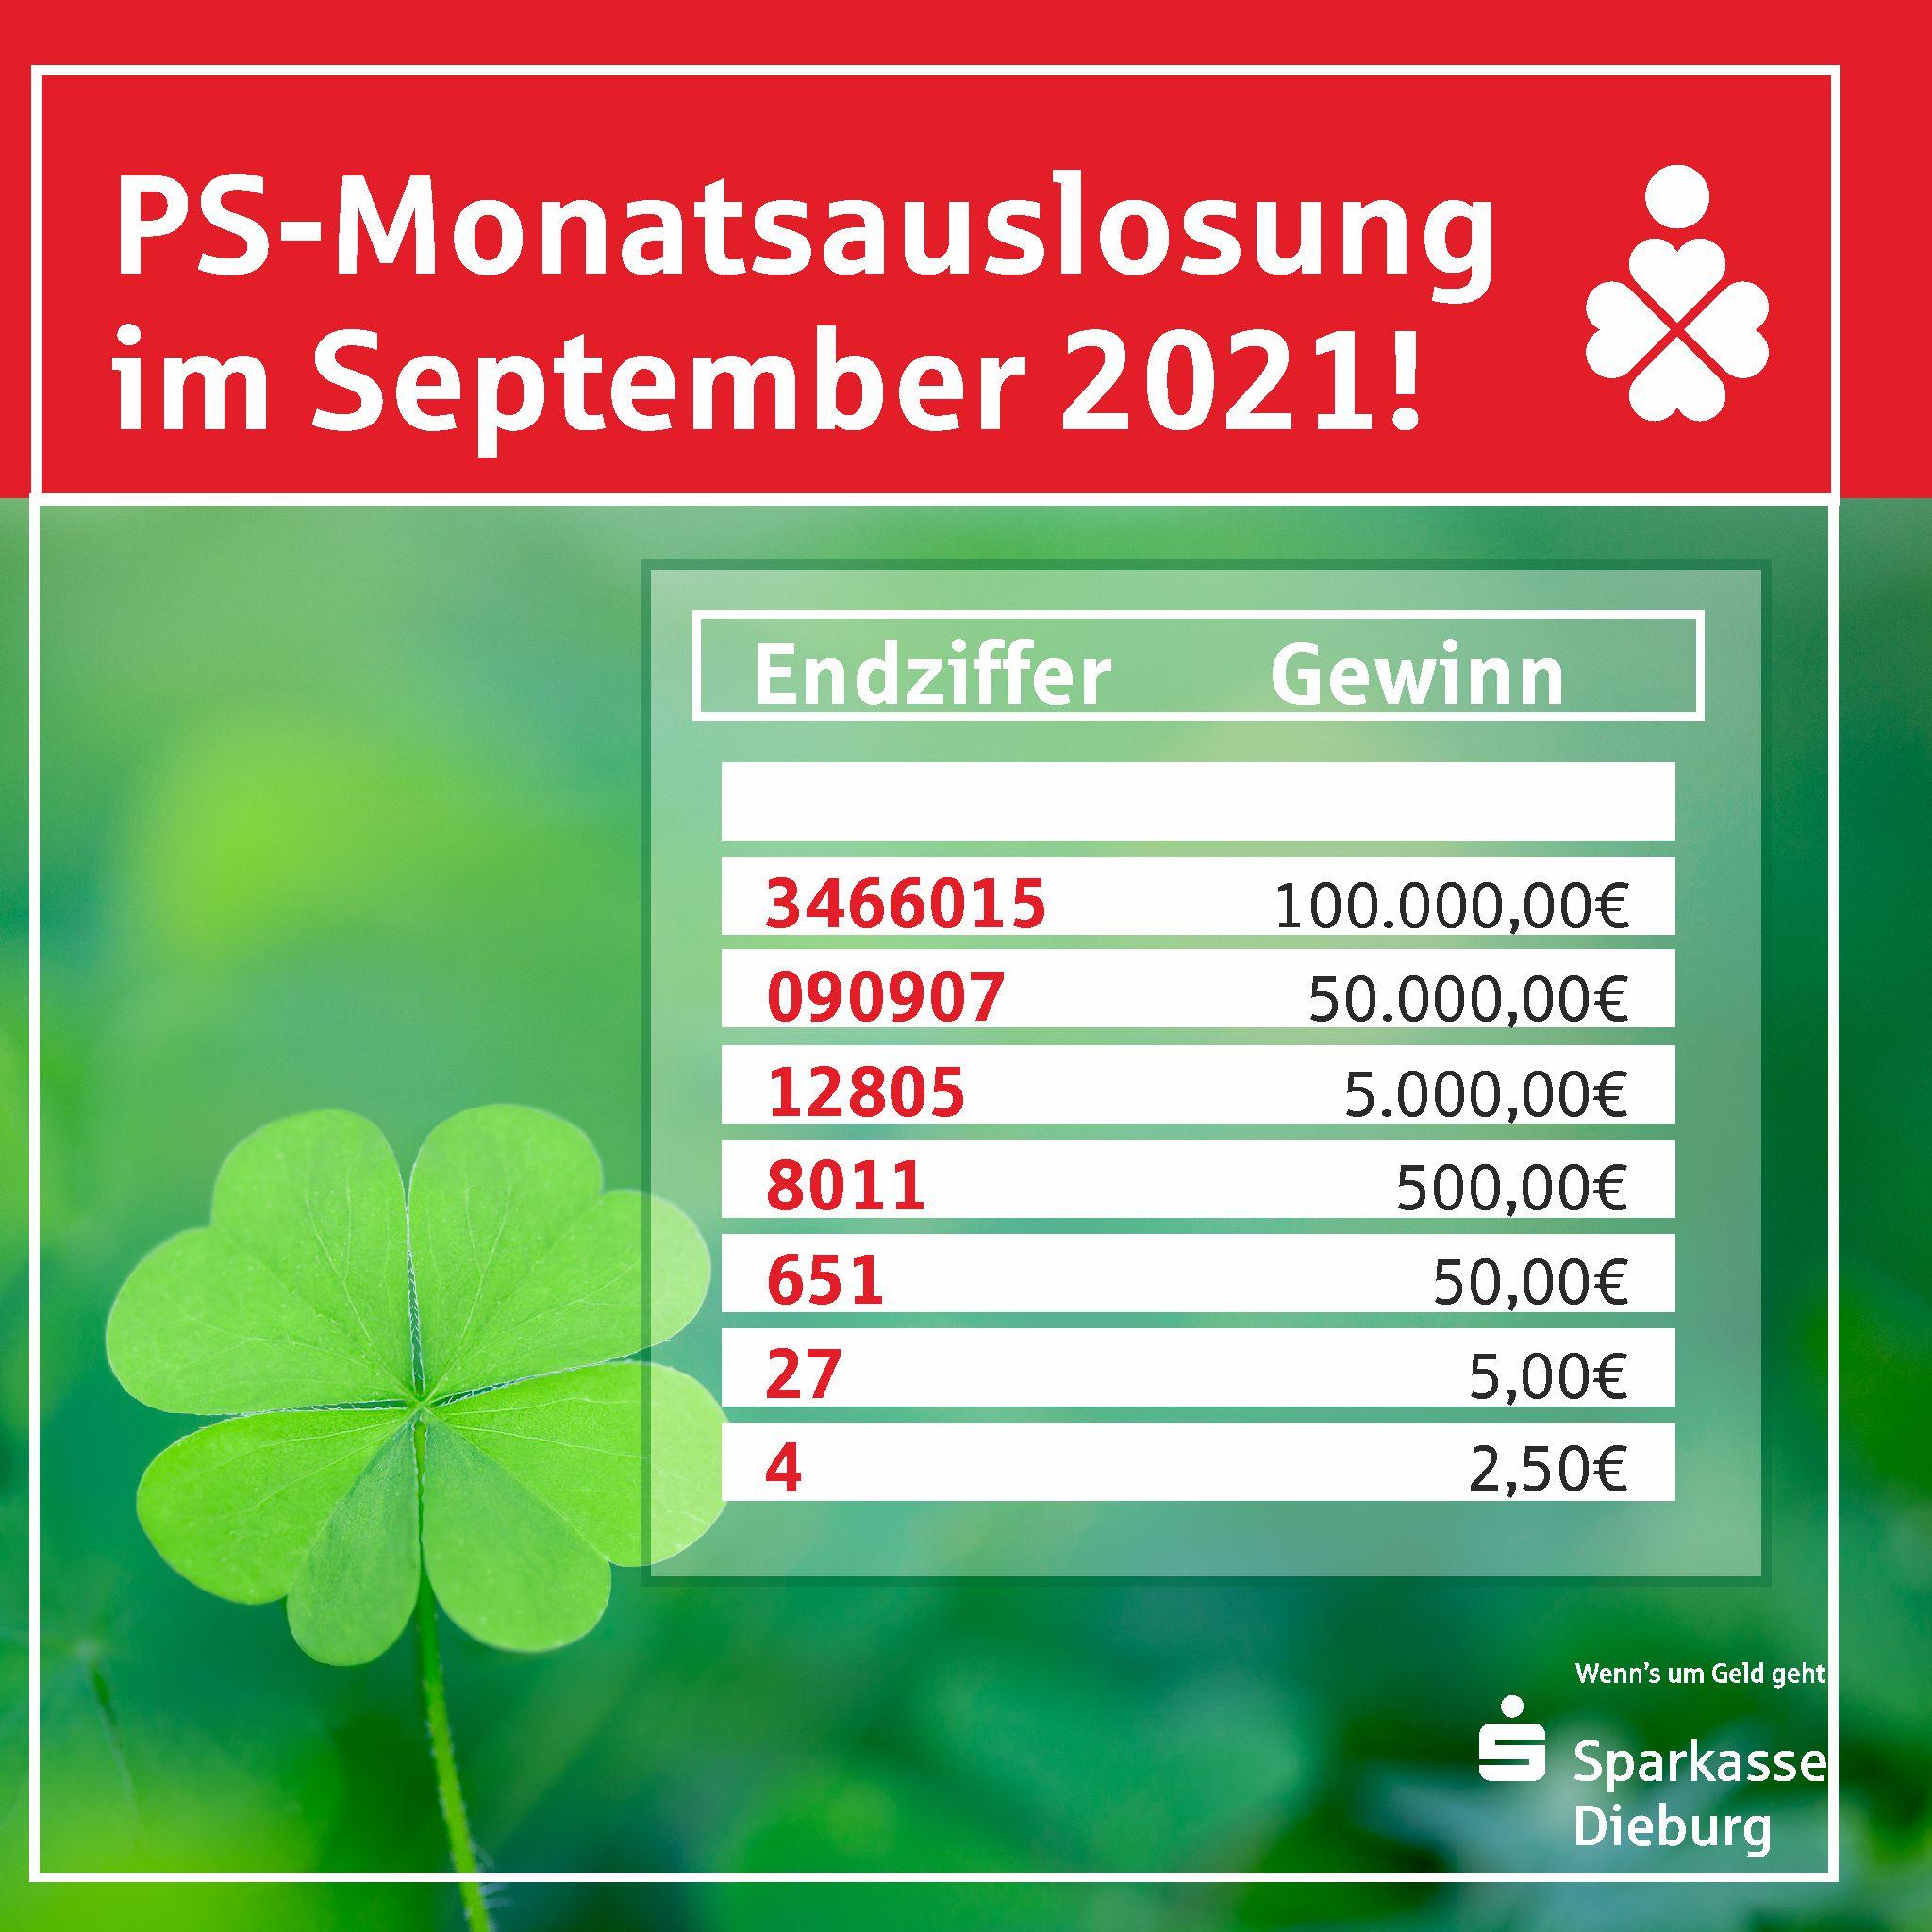 PS-Monatsauslosung im September – die Gewinnzahlen!